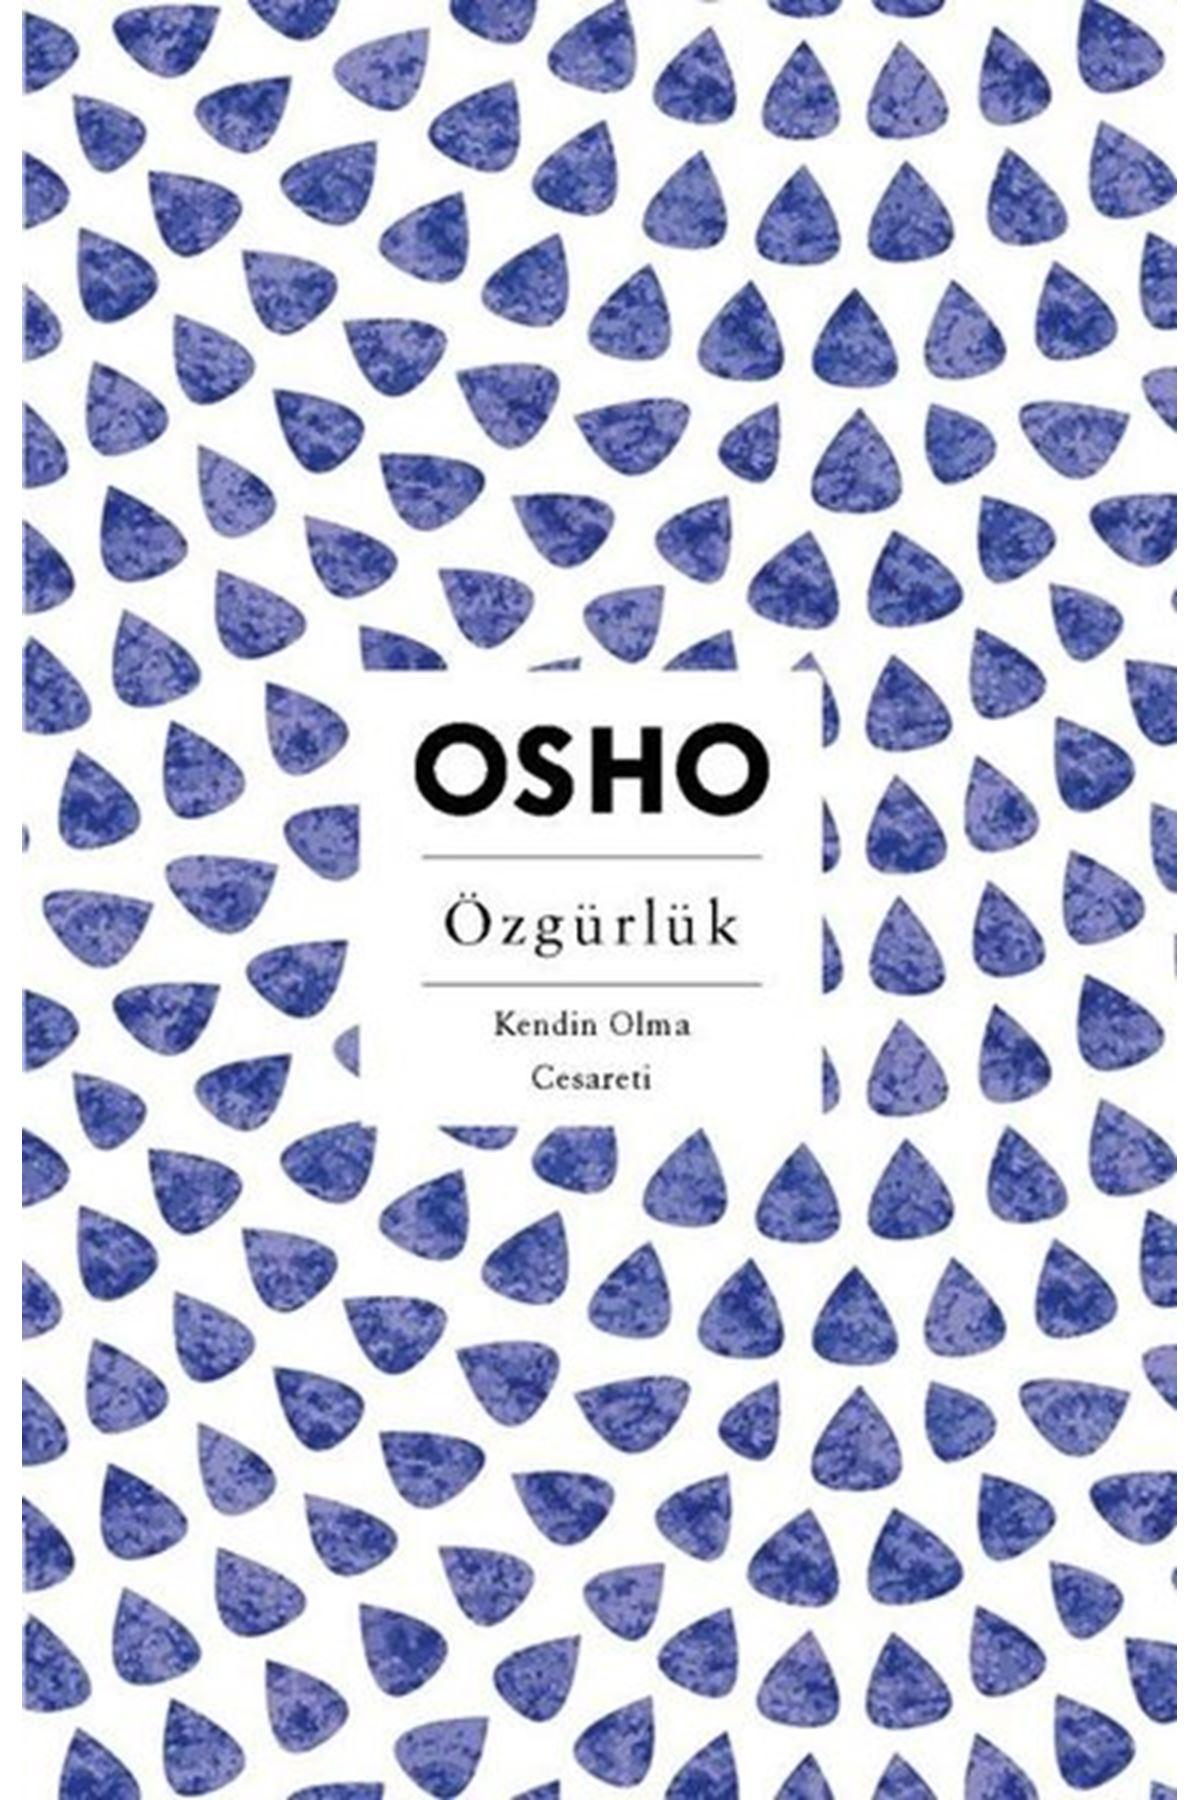 OSHO - ÖZGÜRLÜK KENDİN OLMA CESARETİ